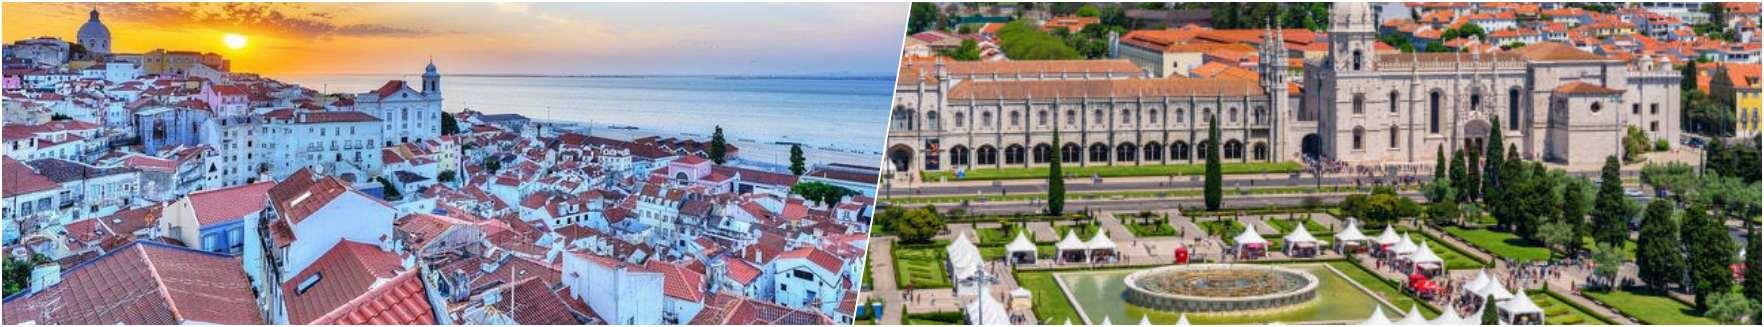 Lisbon - Belem Palace